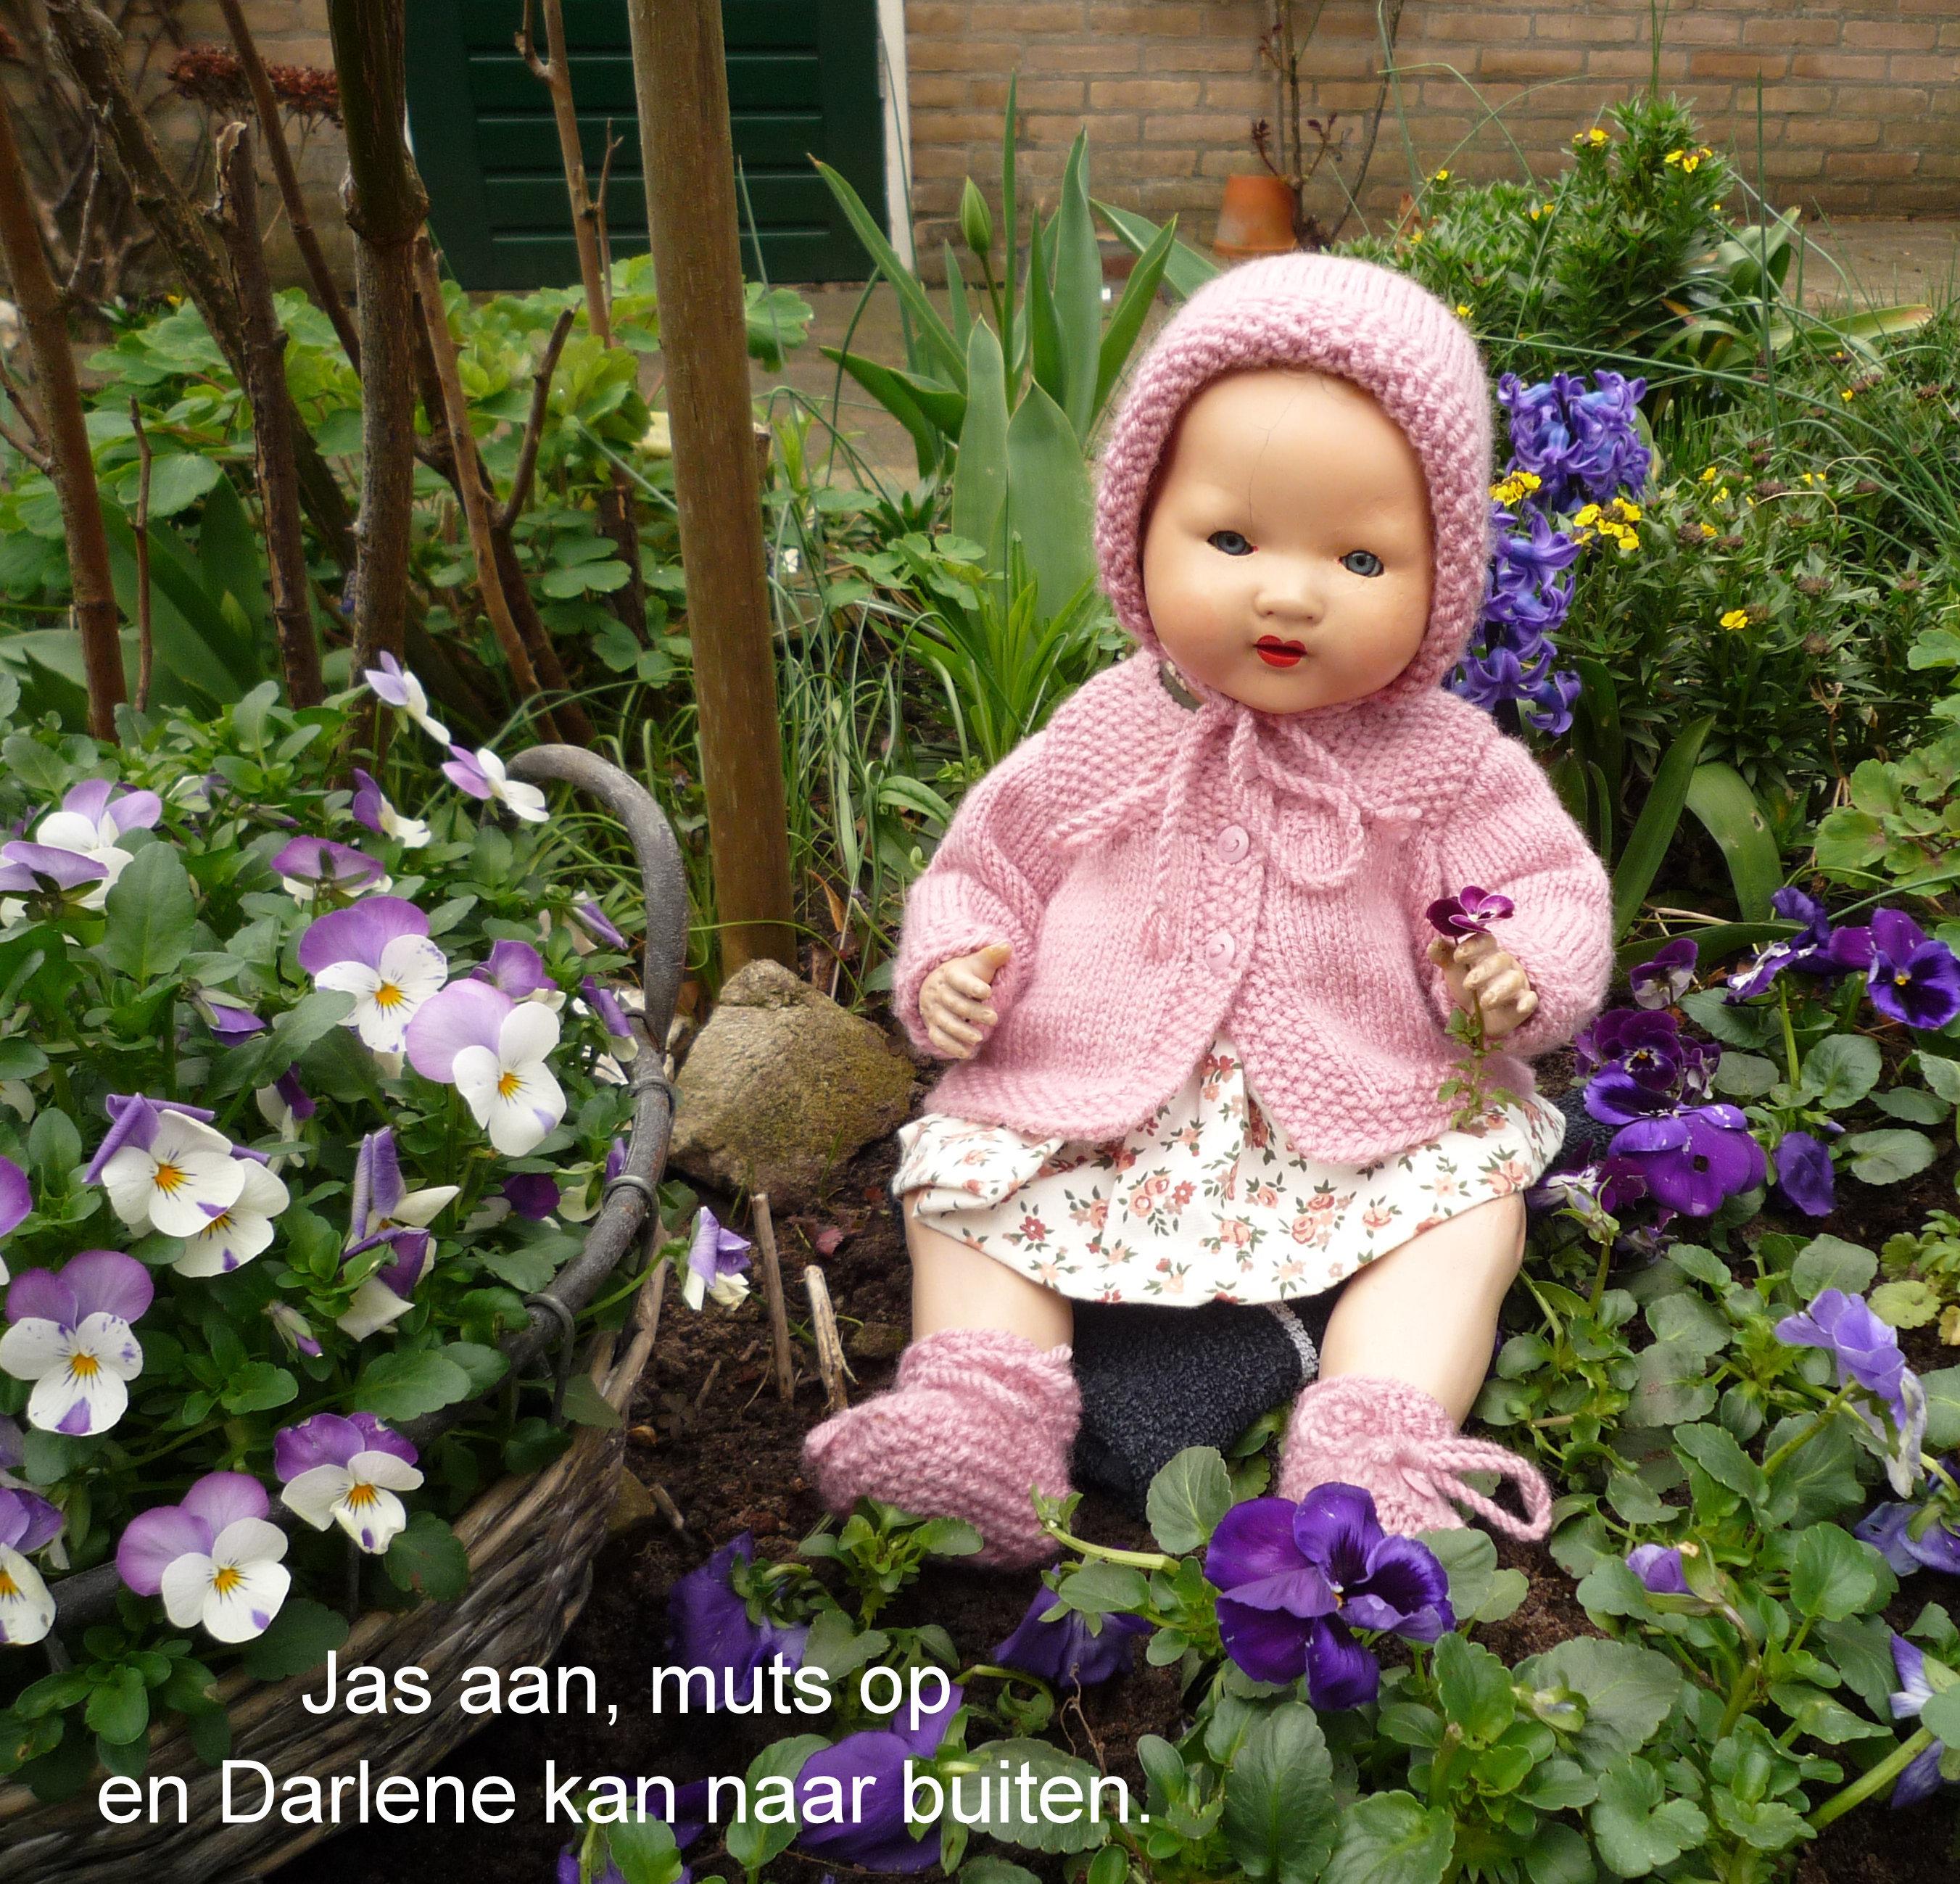 https://welkepopisdat.nl/afbeeldingen-Forum/DurvinaFotos/kleertjes%20Darlene%20en%20Florieke%20(10).JPG